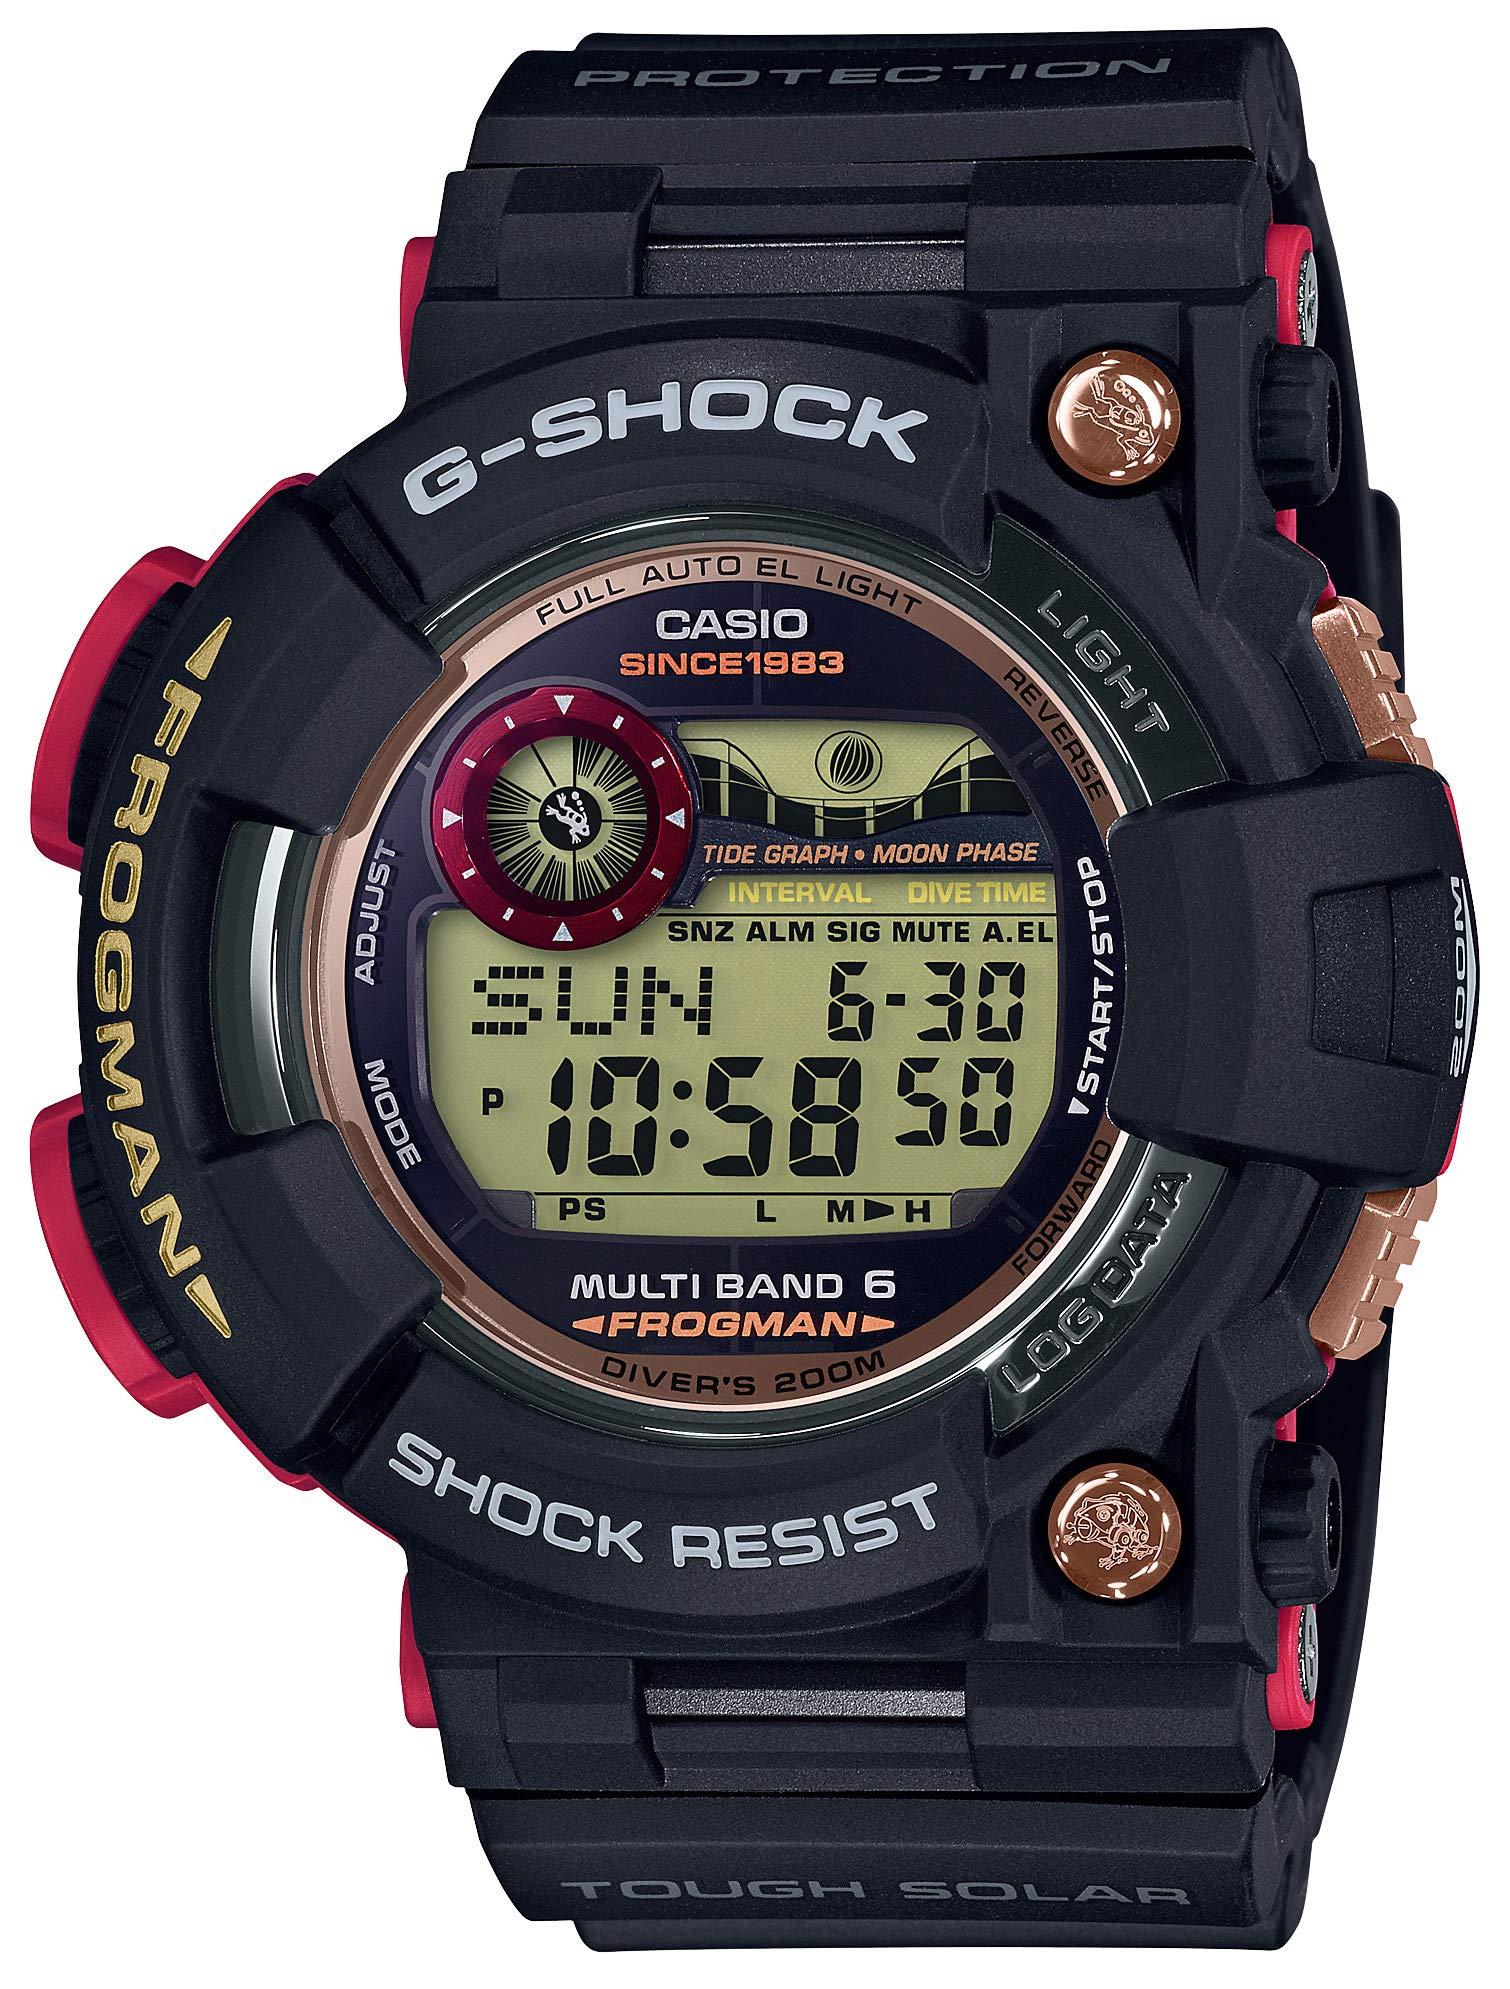 [カシオ]CASIO 腕時計 G-SHOCK ジーショック フロッグマン 35th Anniversary マグマオーシャン 電波ソーラー GWF-1035F-1JR メンズ